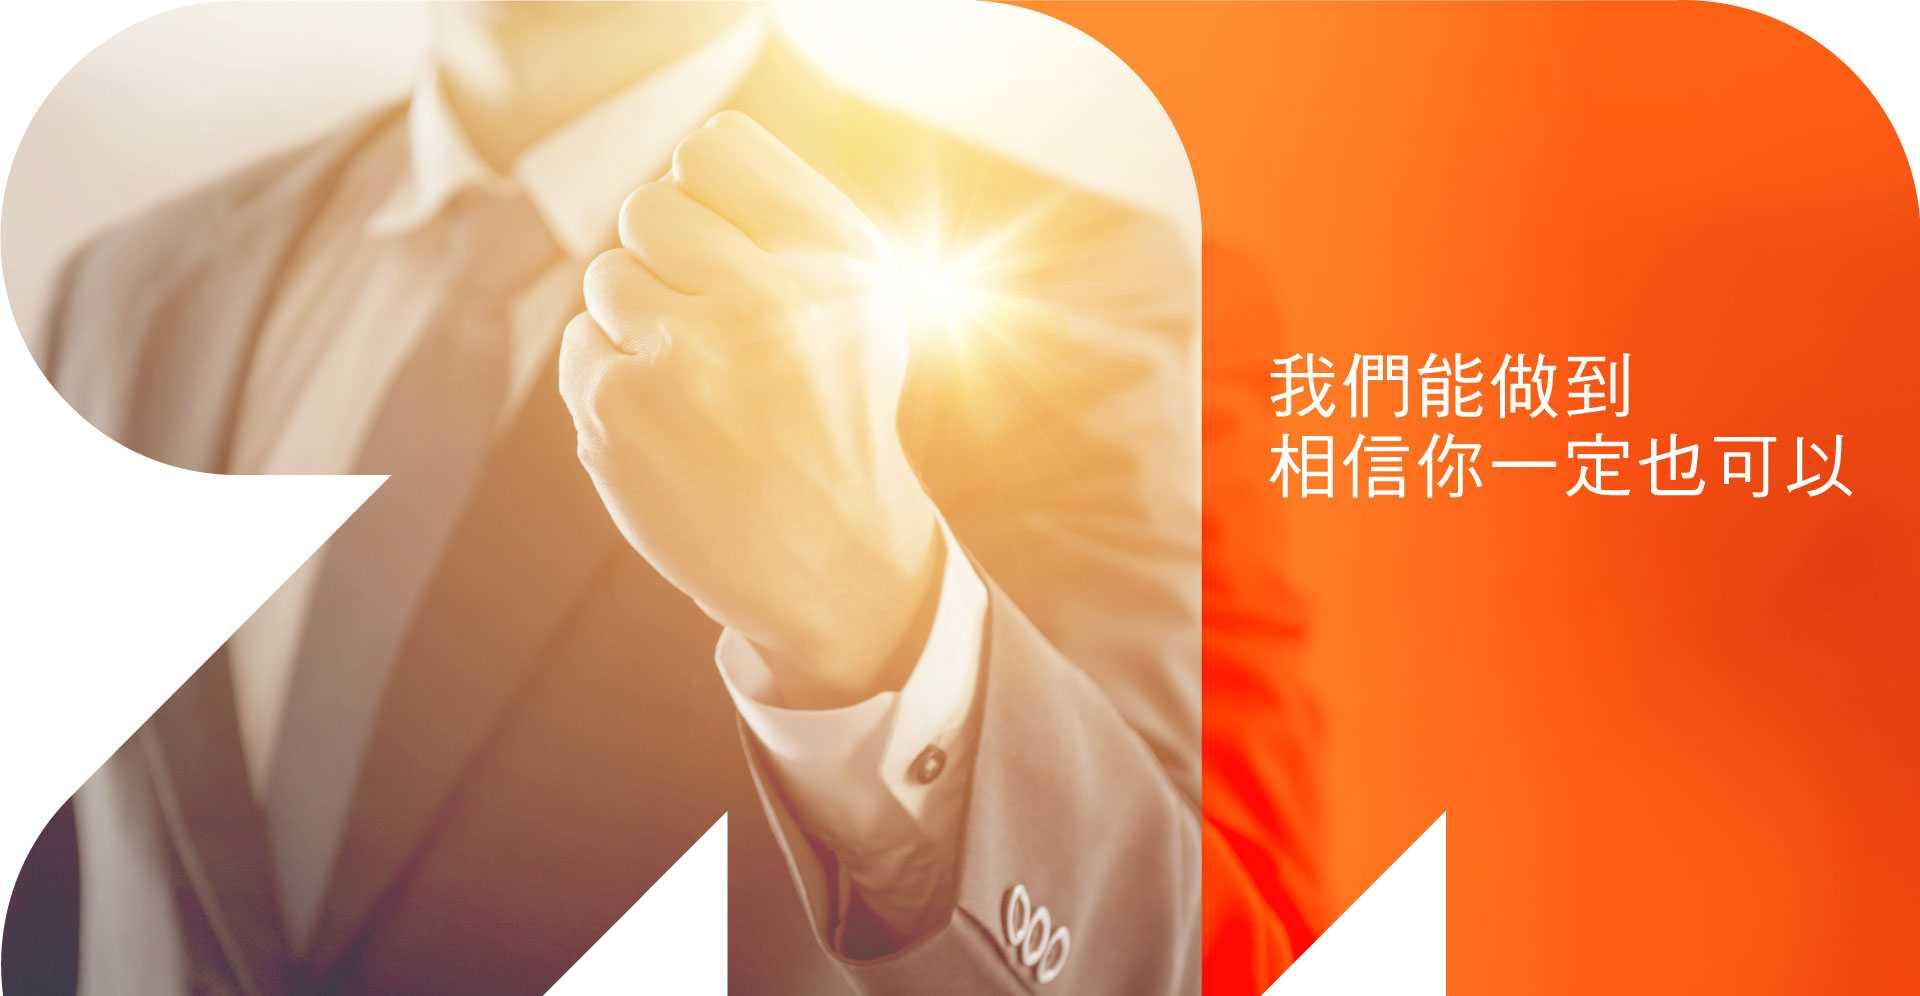 【音频】魔法人生国际电商公司願景